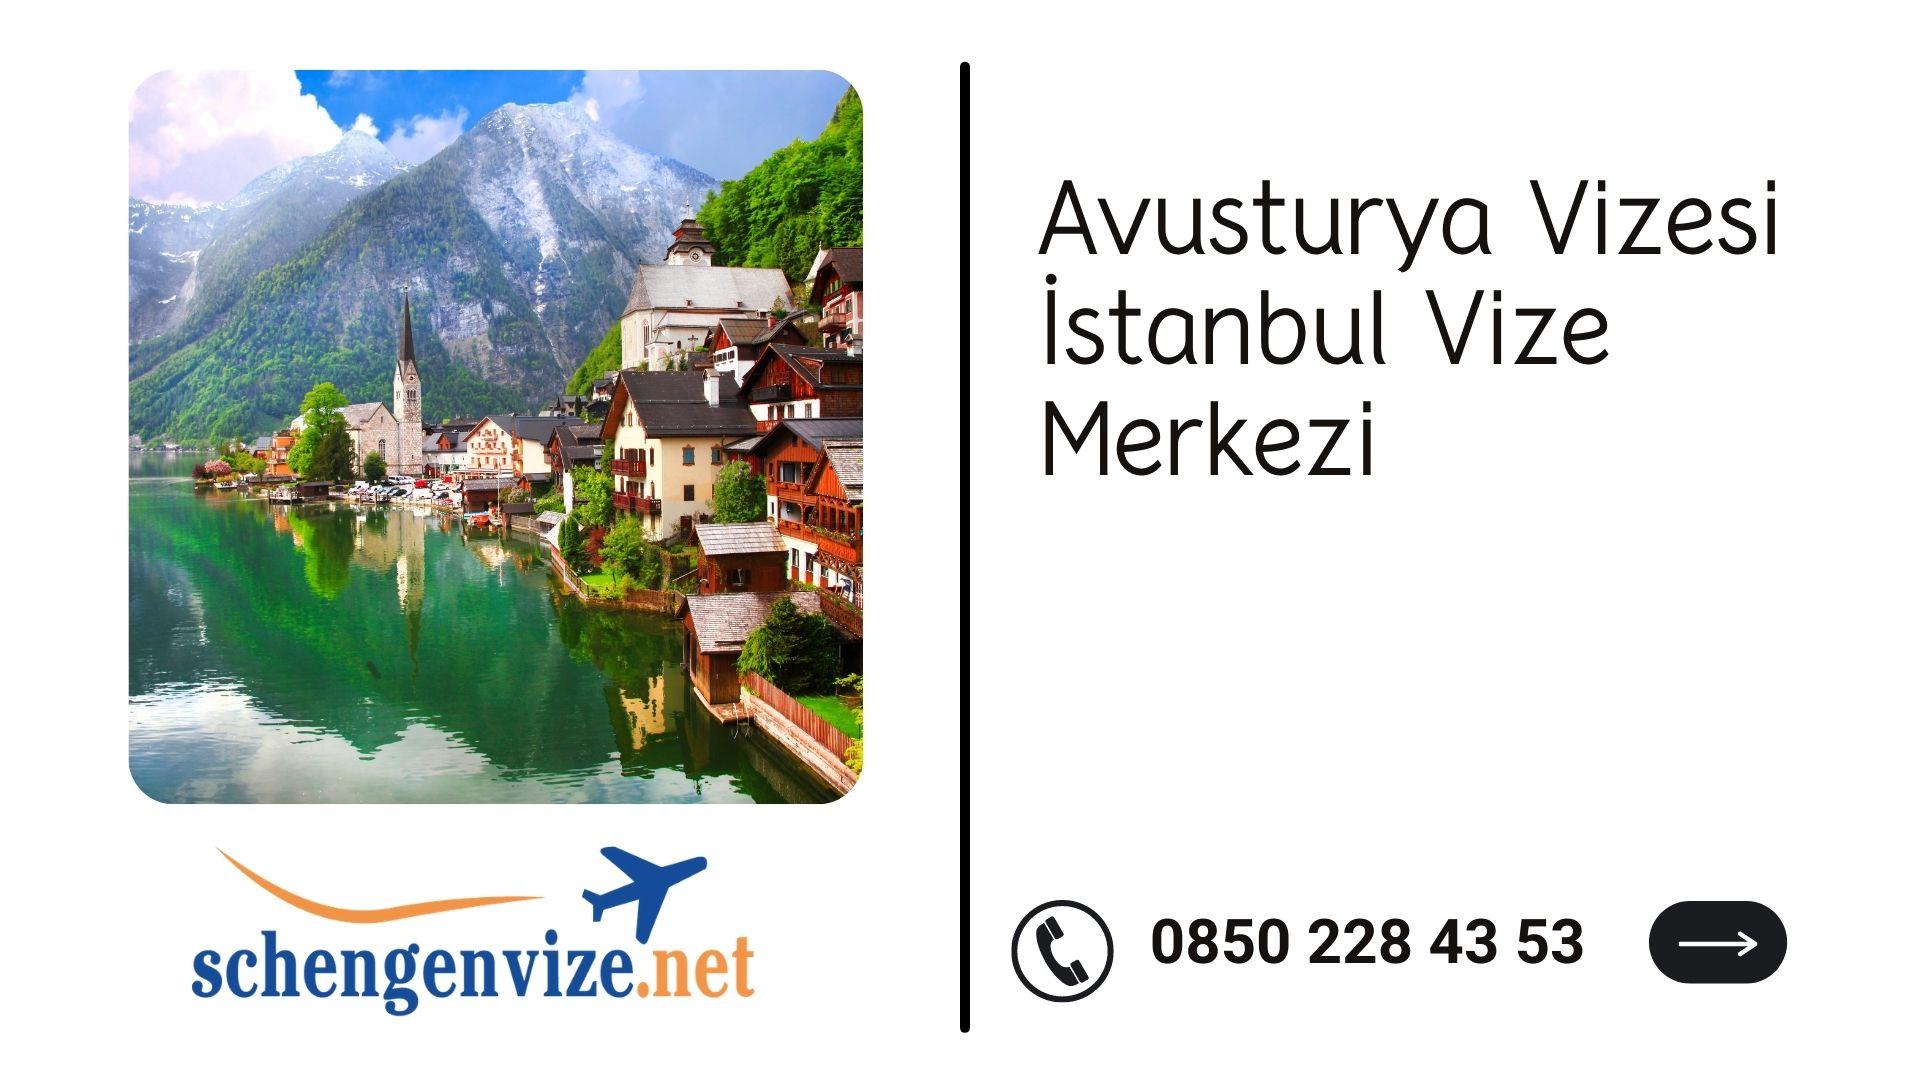 Avusturya Vizesi İstanbul Vize Merkezi